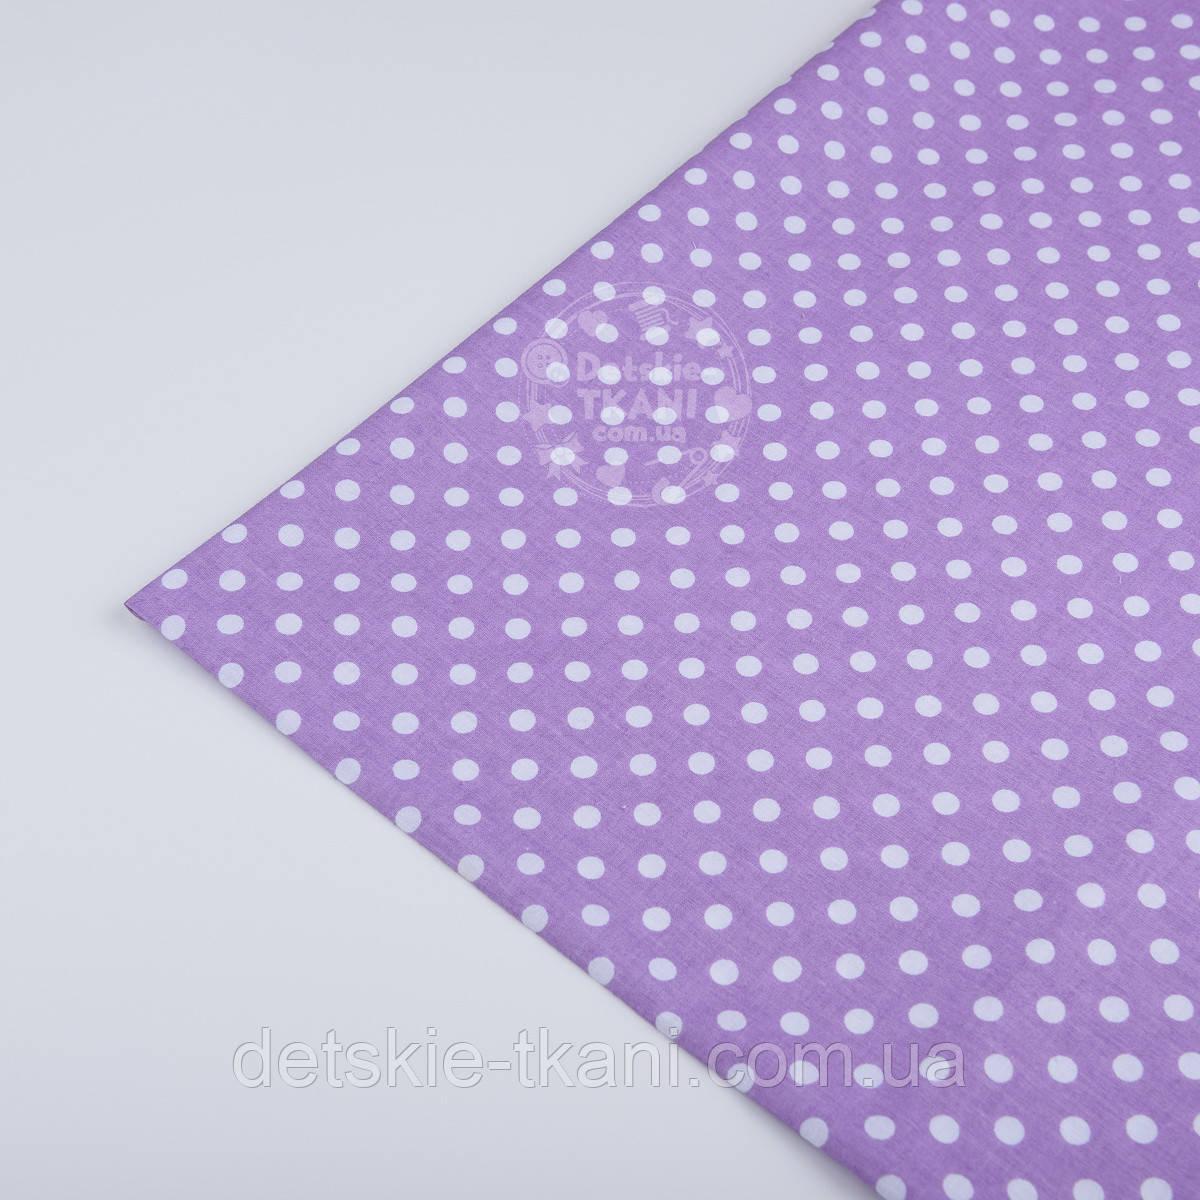 Лоскут ткани №77  тёмно-сиреневого цвета с белым горошком.